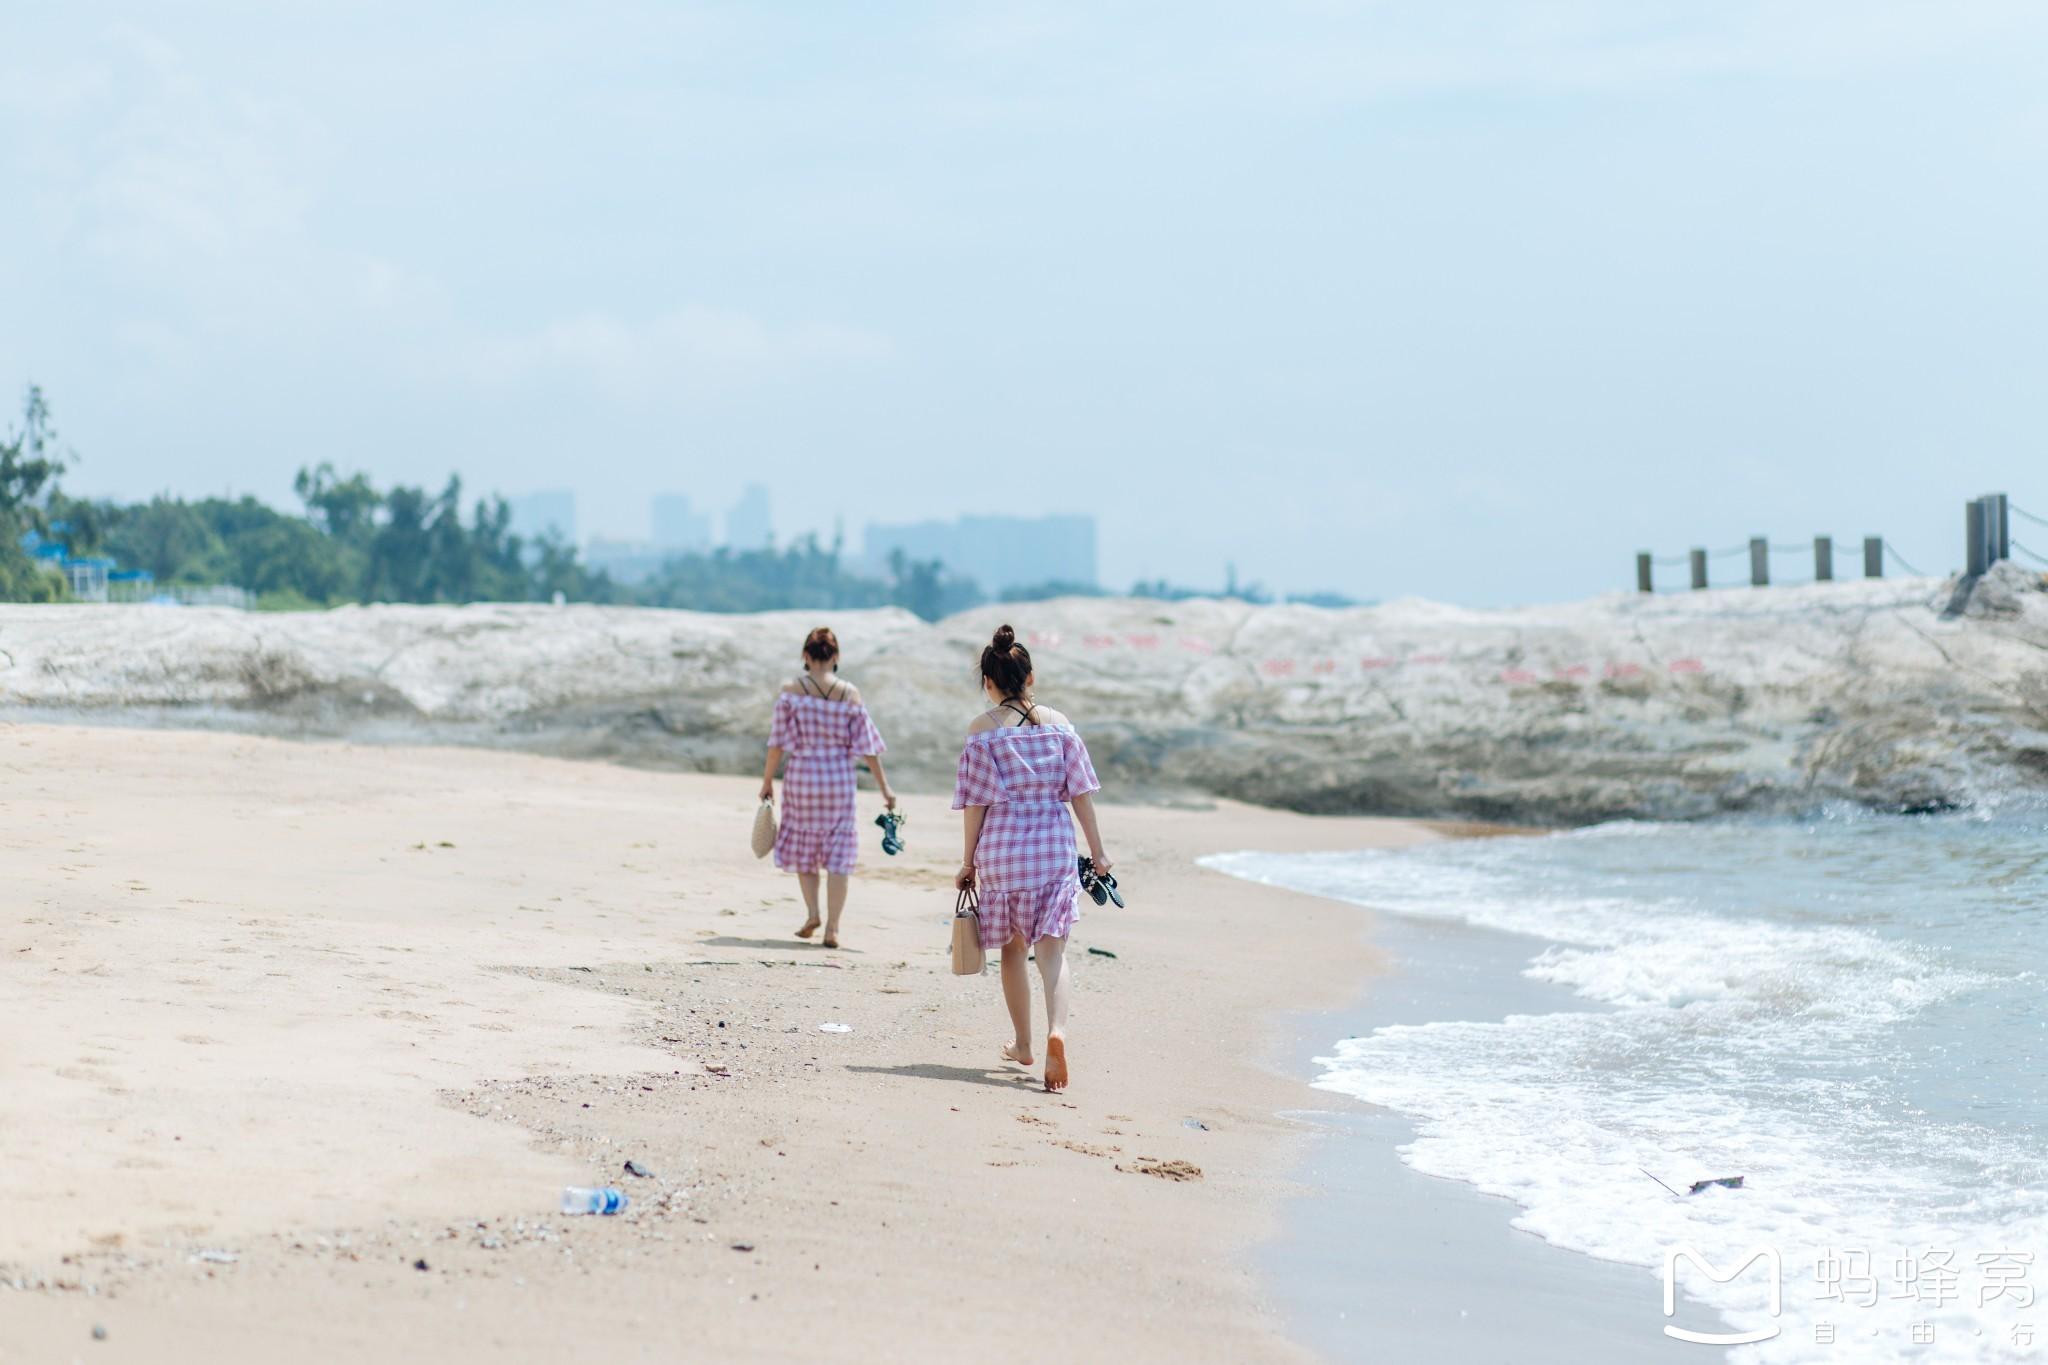 黄厝海滩,黄厝海滩旅游景点介绍,攻略-天气加